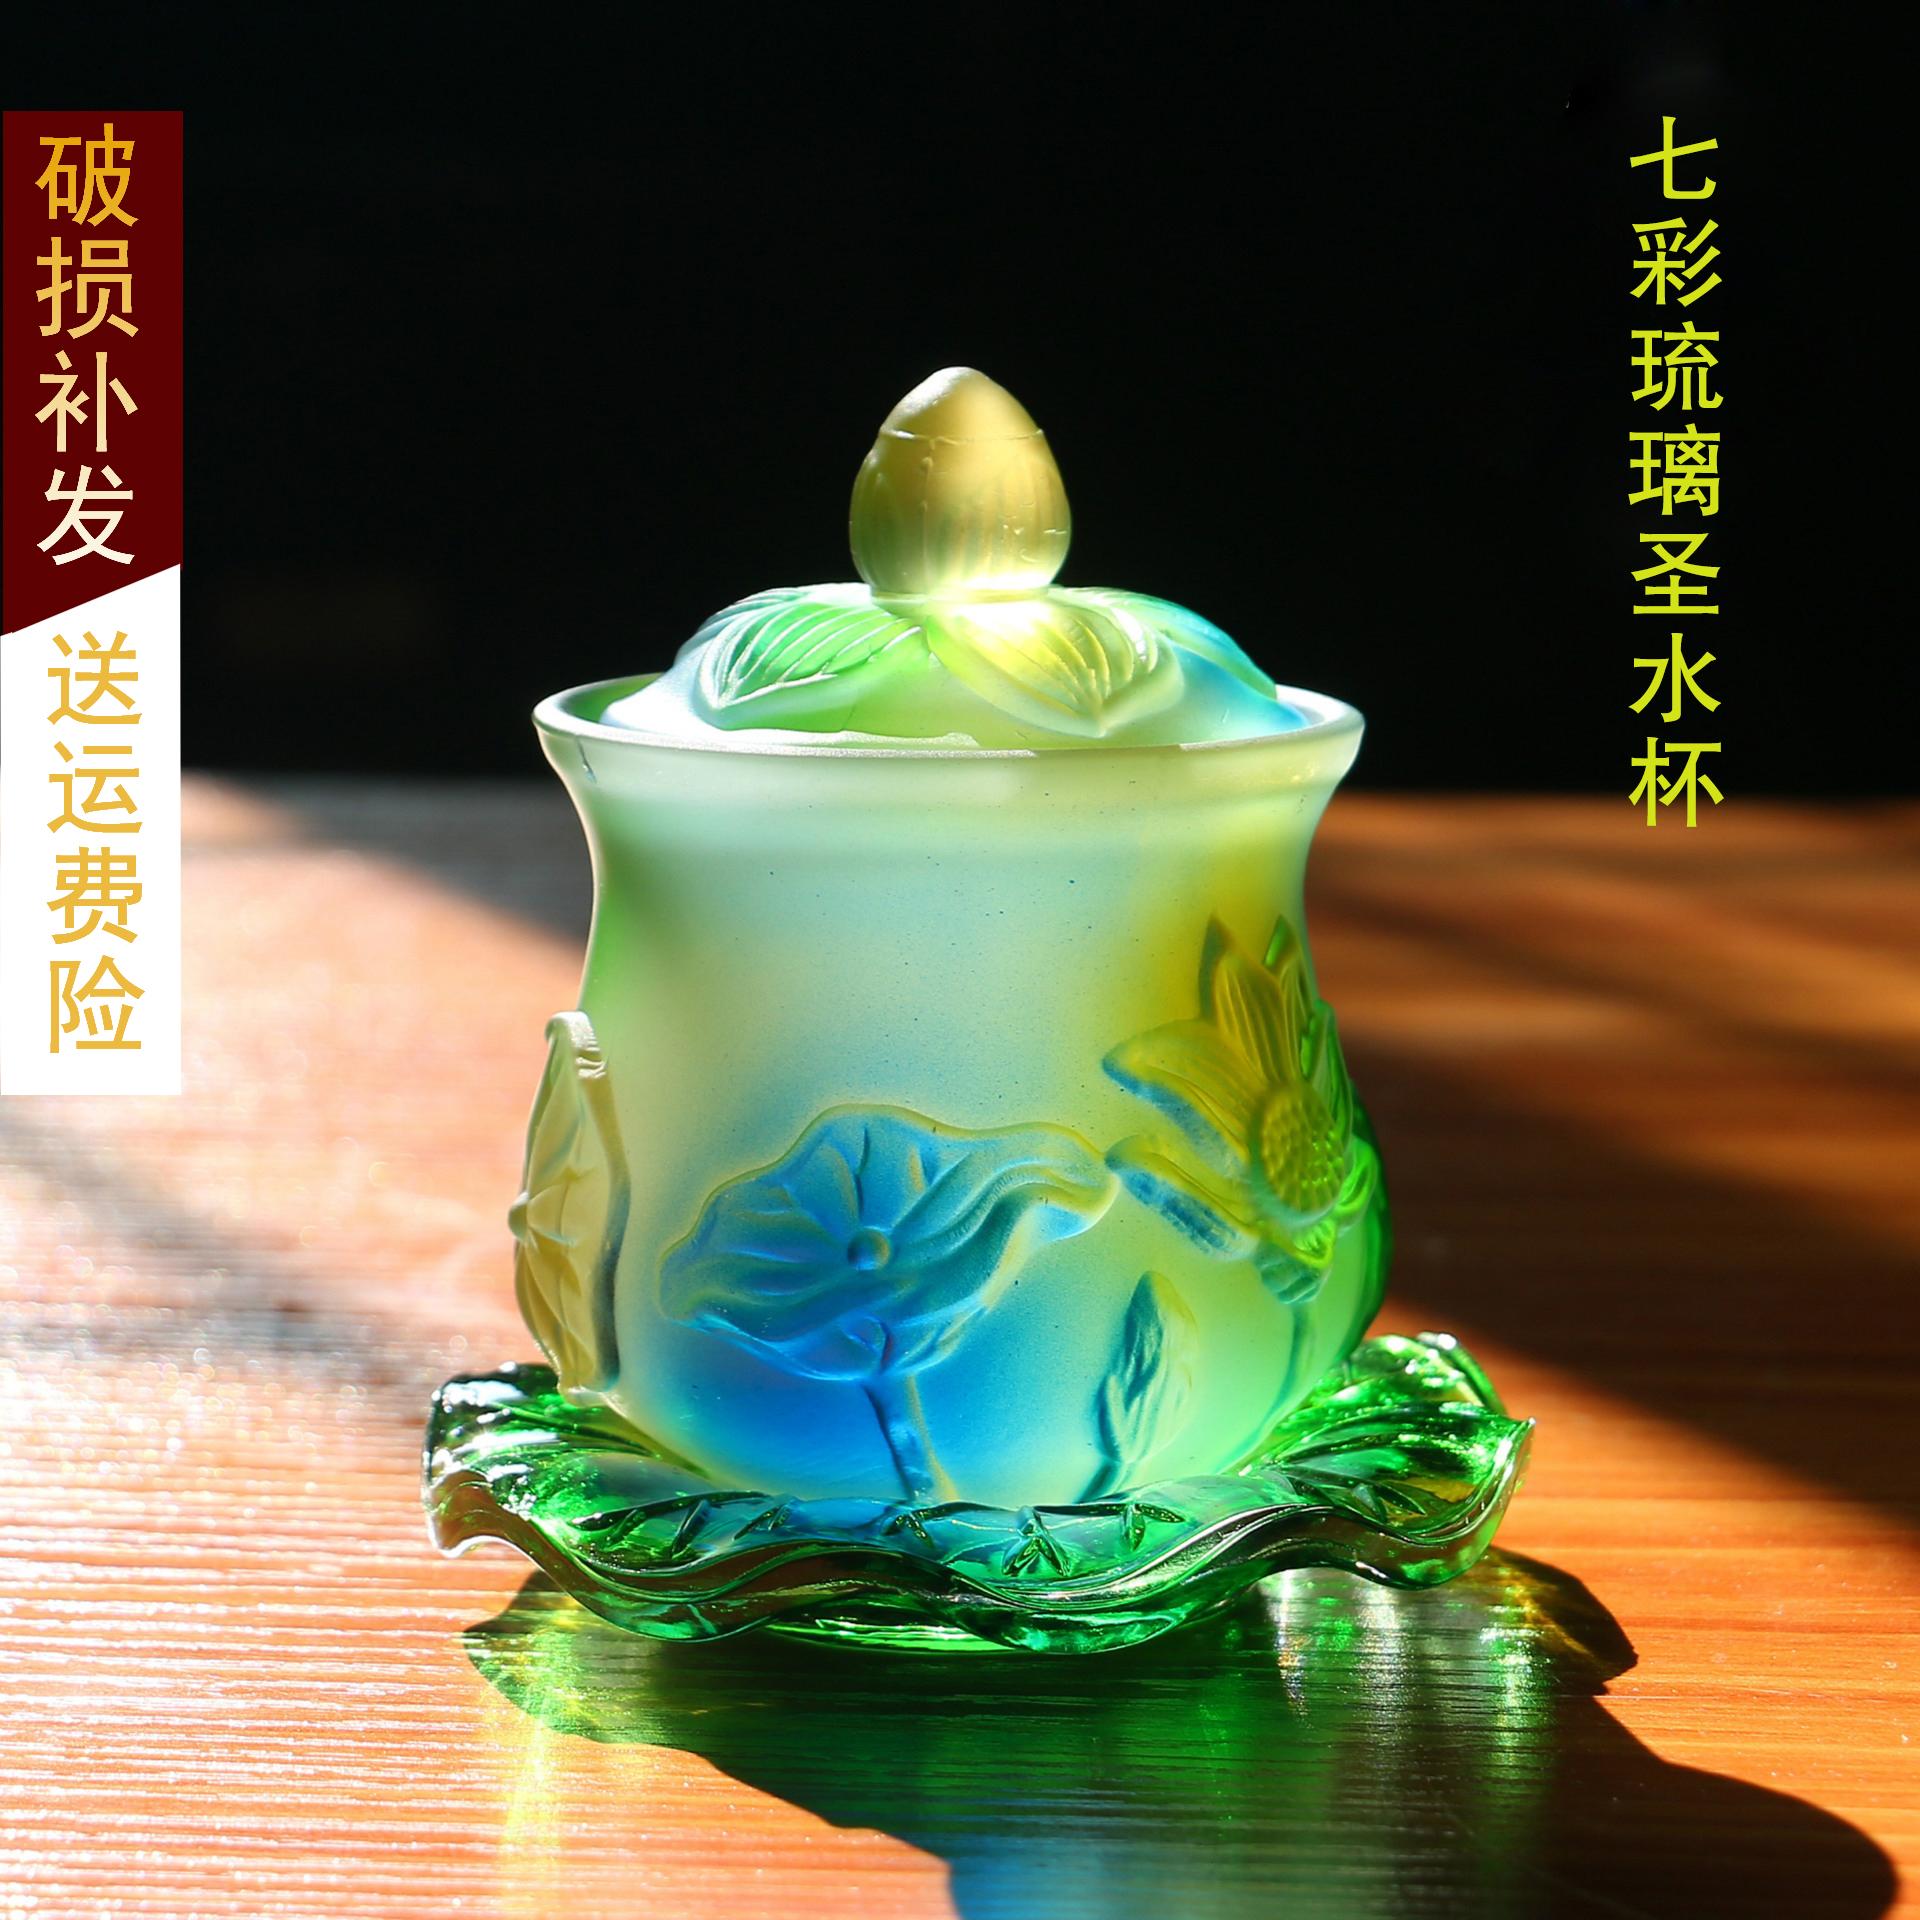 七彩色琉璃供水杯小號七彩琉璃蓮花供水杯供佛水杯 佛前佛堂凈水杯觀音財神圣水杯供杯